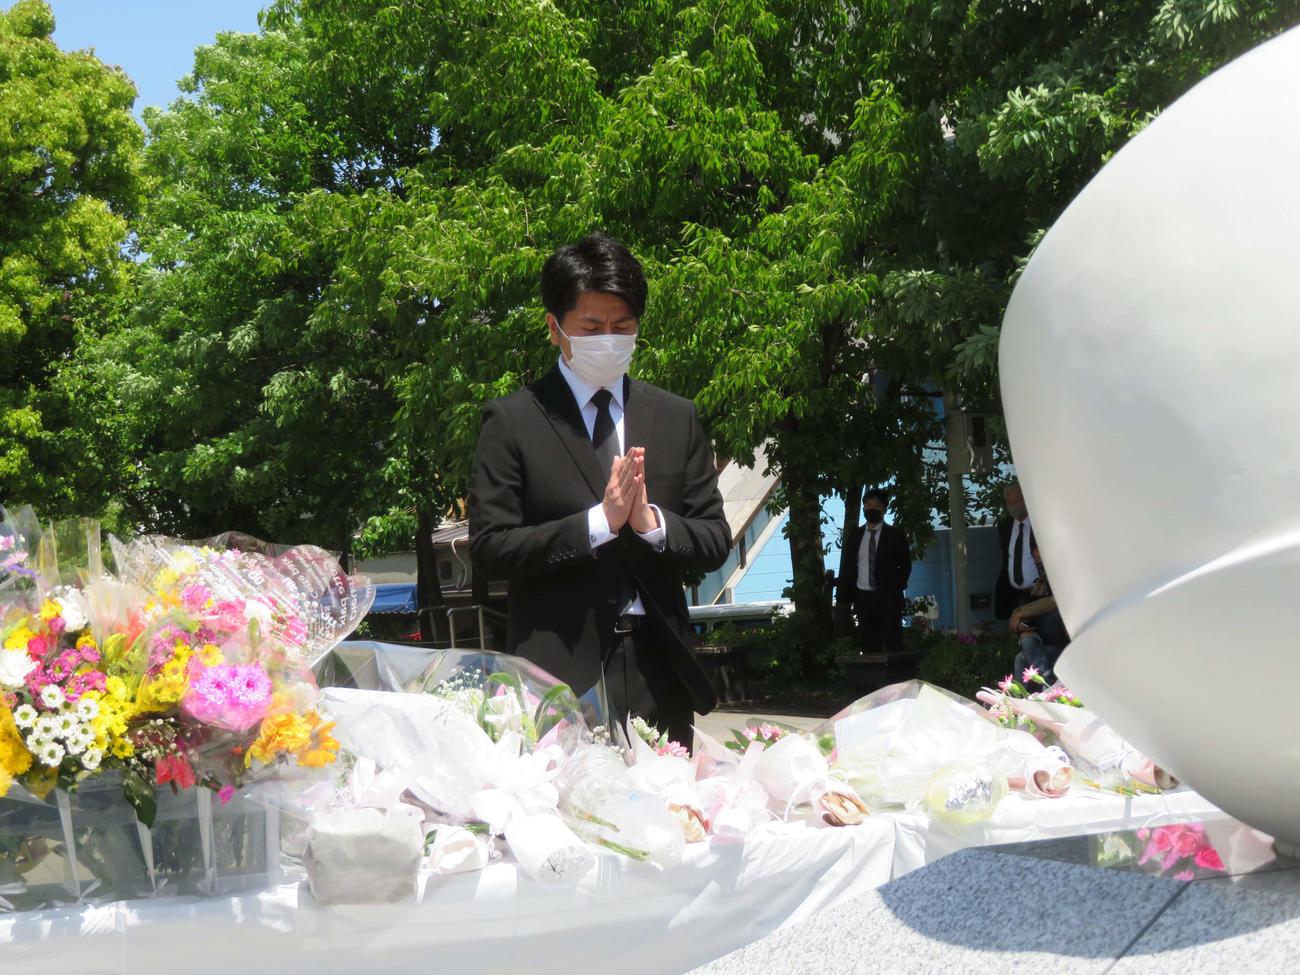 東京・池袋で発生した乗用車暴走事故から丸2年がたち、慰霊碑に手を合わせる松永拓也さん(撮影・村上幸将)